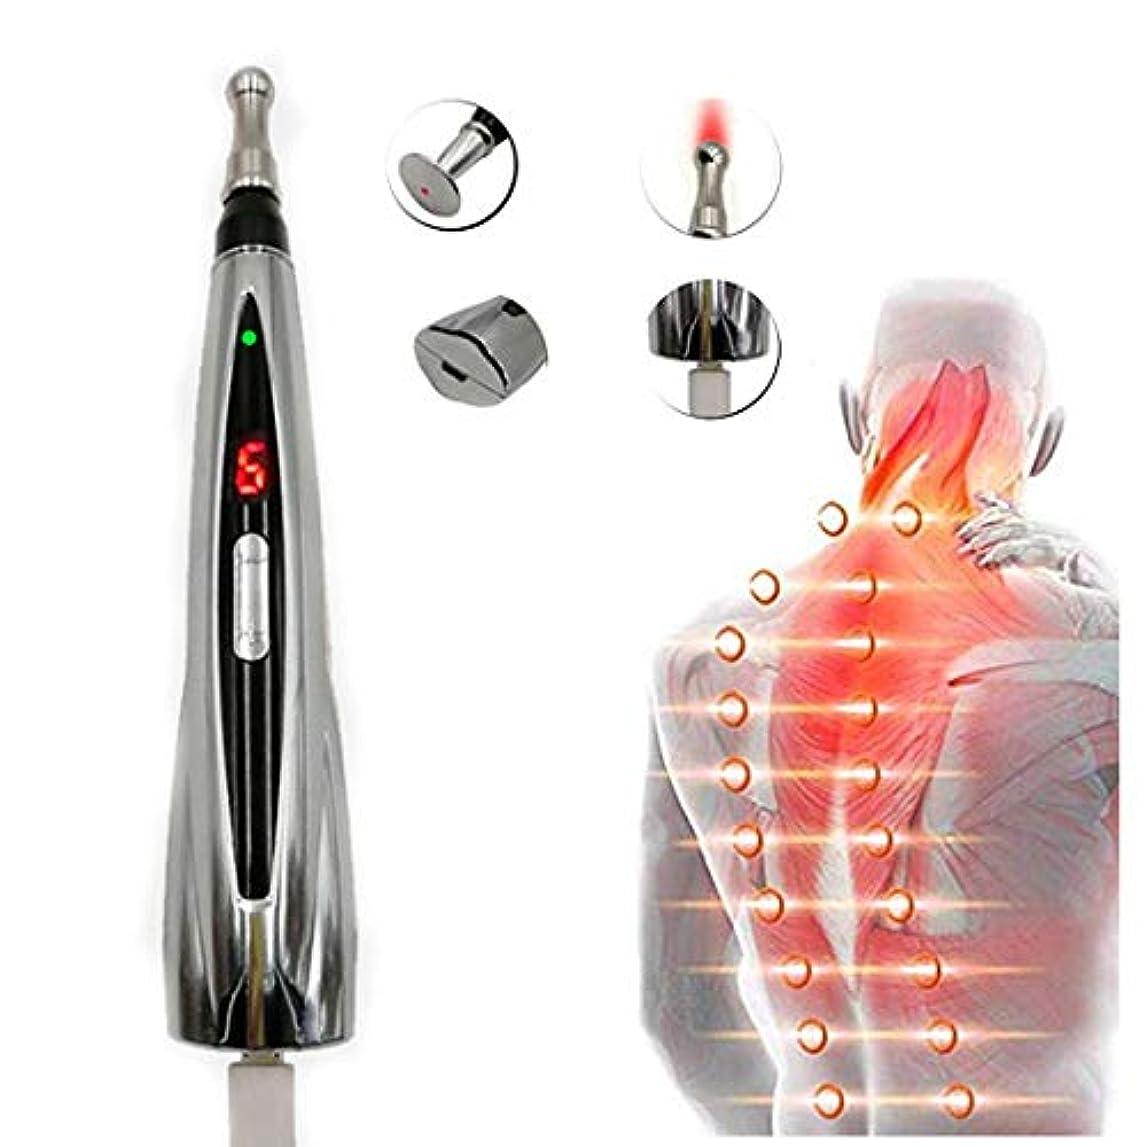 ボルト引数モニカ電子鍼ペン、USB充電メリディアンペンハンドヘルドマッサージペン3種類のペン痛みストレス緩和のための電子鍼17.5cm * 3cmシルバー